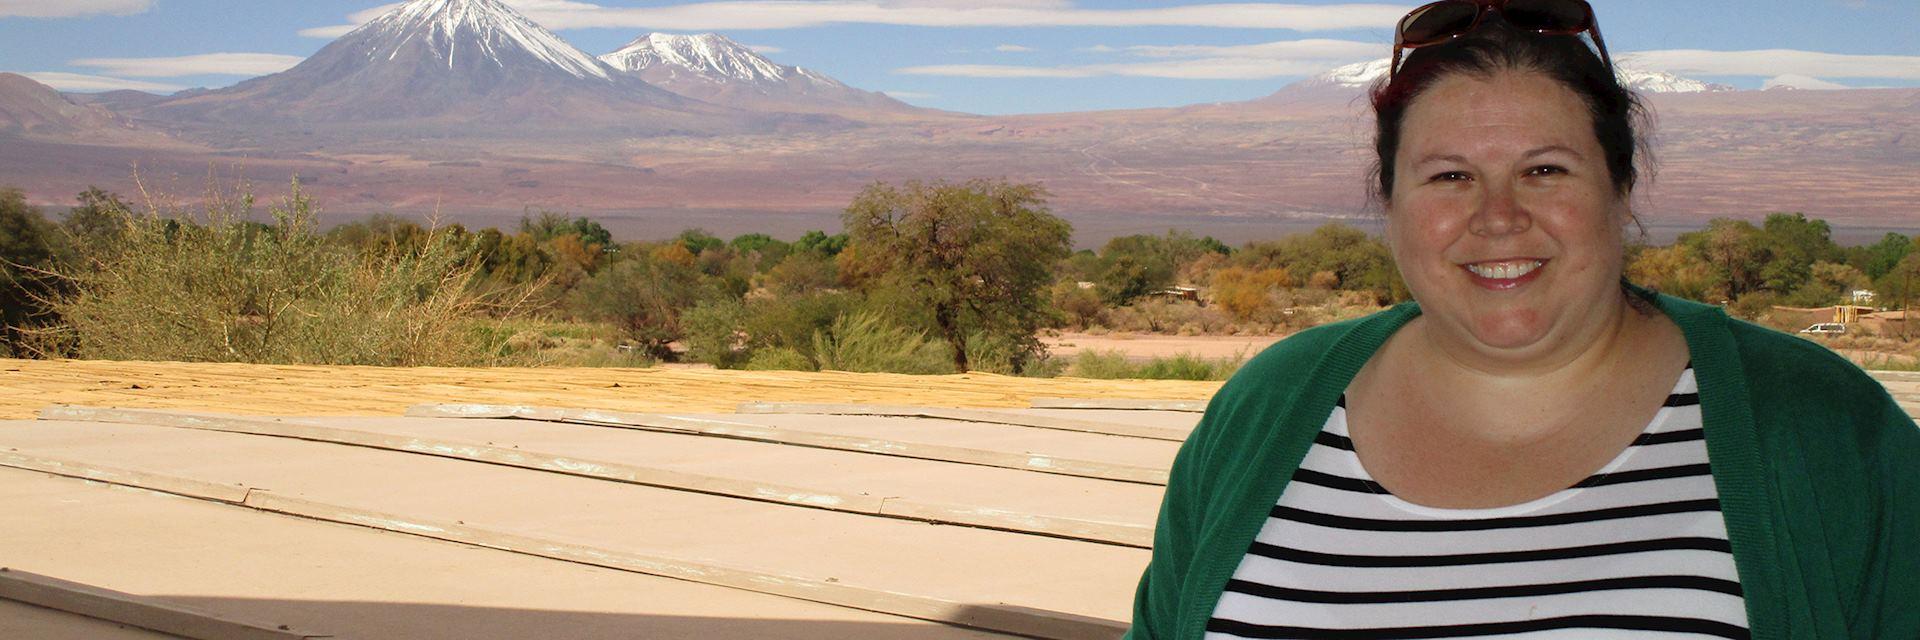 Rachel in Atacama